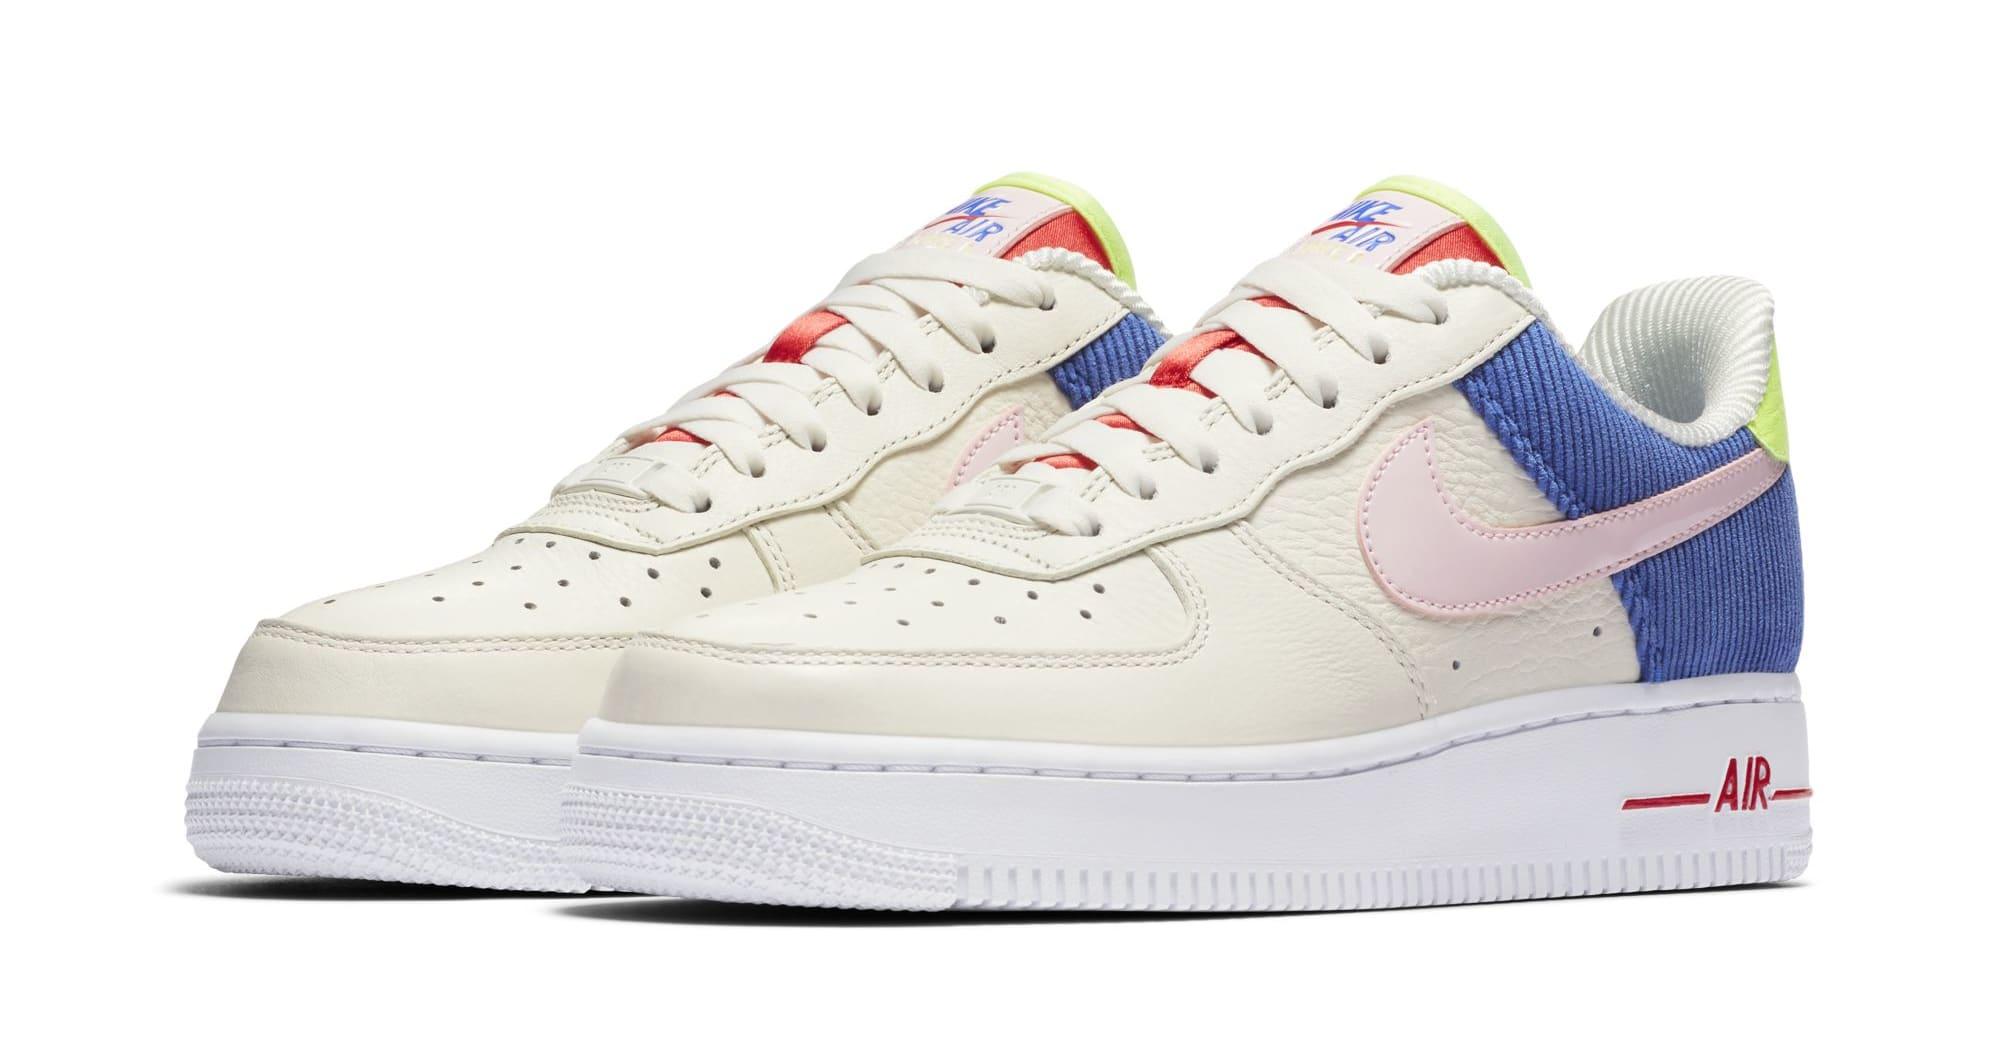 WMNS Nike Air Force 1 Panache (Pair)